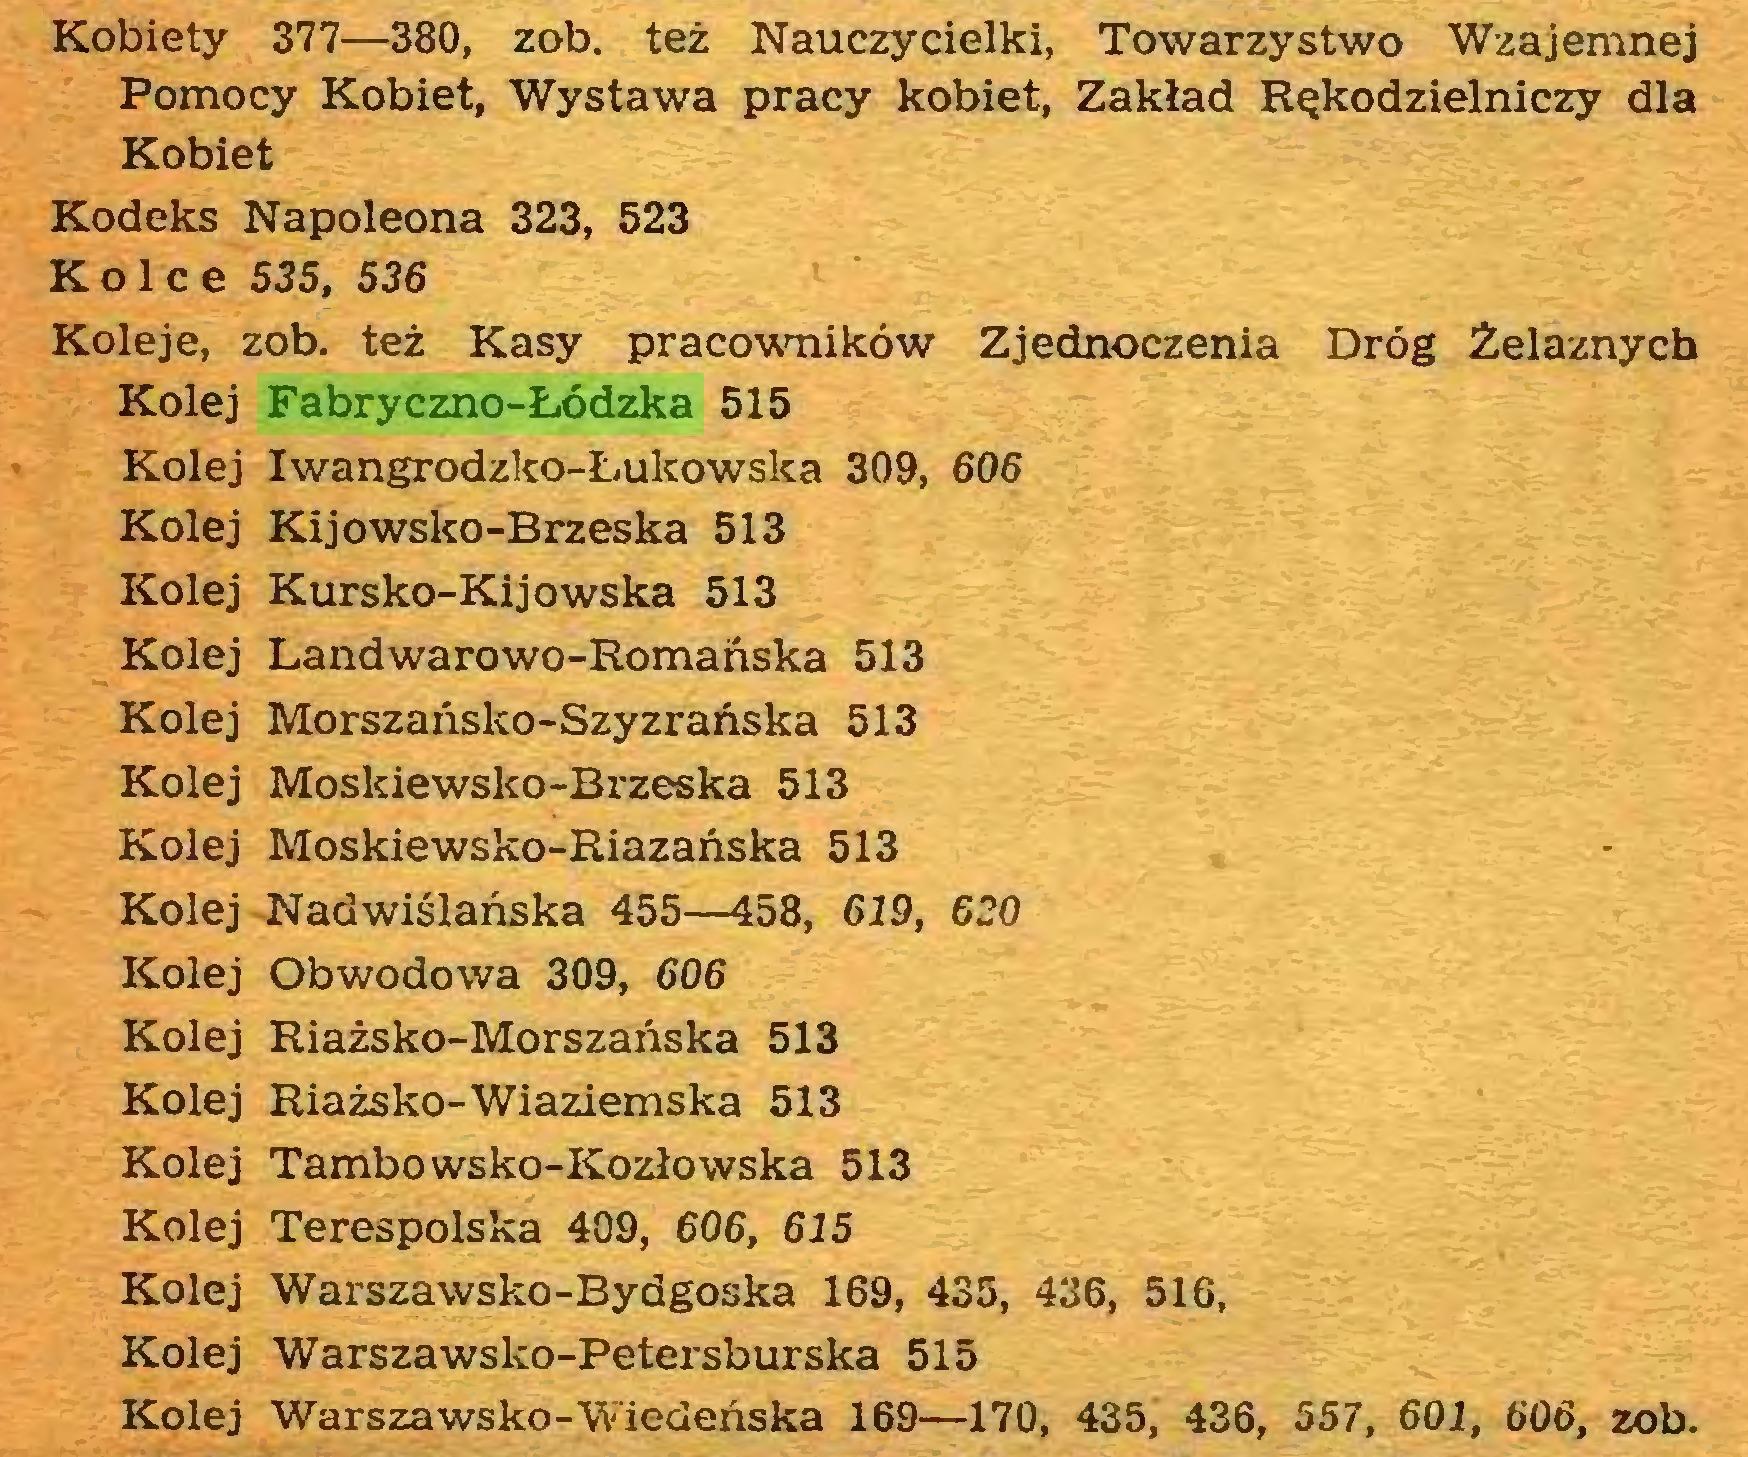 (...) Kobiety 377—380, zob. też Nauczycielki, Towarzystwo Wzajemnej Pomocy Kobiet, Wystawa pracy kobiet, Zakład Rękodzielniczy dla Kobiet Kodeks Napoleona 323, 523 Kolce 535, 536 Koleje, zob. też Kasy pracowników Zjednoczenia Dróg Żelaznych Kolej Fabryczno-Łódzka 515 Kolej Iwangrodzko-Łulcowska 309, 606 Kolej Kijowsko-Brzeska 513 Kolej Kursko-Kijowska 513 Kolej Landwarowo-Romanska 513 Kolej Morszańsko-Szyzrańska 513 Kolej Moskiewsko-Brzeska 513 Kolej Moskiewsko-Riazańska 513 Kolej Nadwiślańska 455—458, 619, 620 Kolej Obwodowa 309, 606 Kolej Riażsko-Morszańska 513 Kolej Riażsko-Wiaziemska 513 Kolej Tambowsko-Kozłowska 513 Kolej Terespolska 409, 606, 615 Kolej Warszawsko-Bydgoska 169, 435, 436, 516, Kolej Warszawsko-Petersburska 515 Kolej Warszawsko-Wiedeńska 169—170, 435, 436, 557, 601, 606, zob...